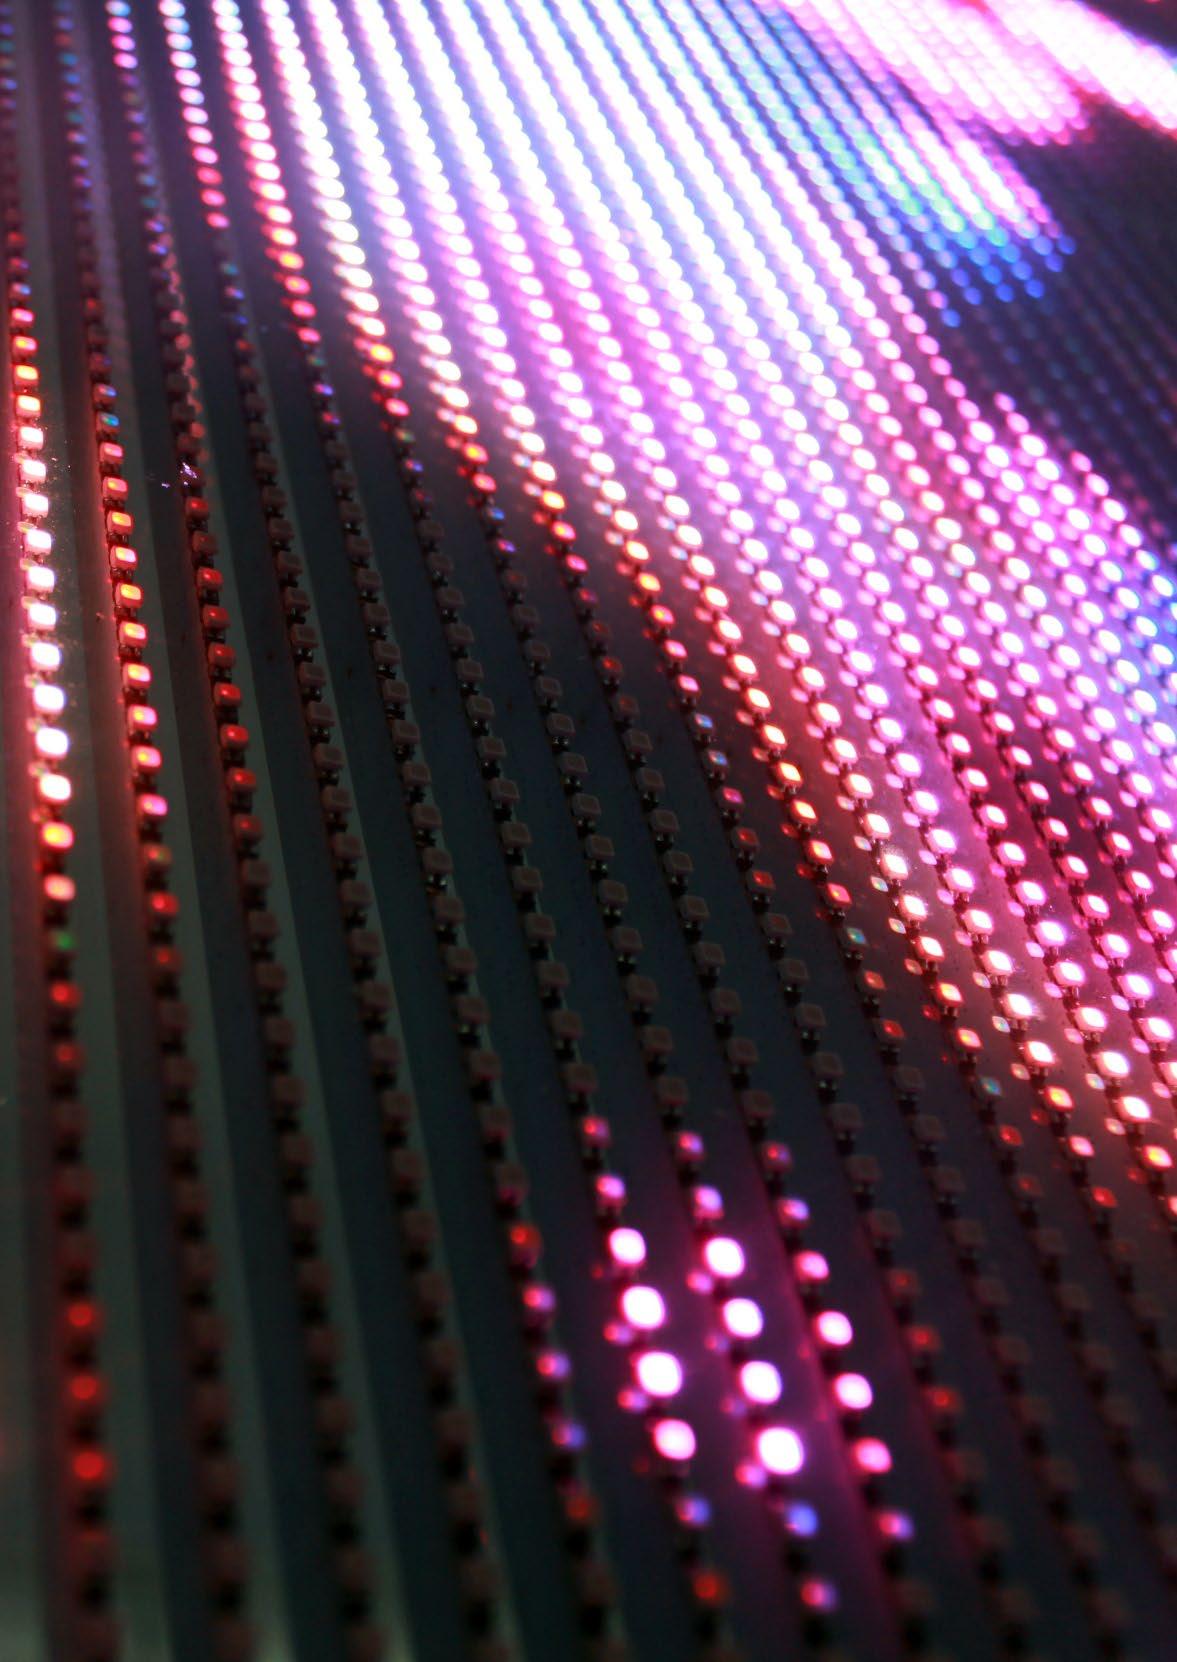 nanotecnologia_en_ESpaña__tecnologia_led_publicidad